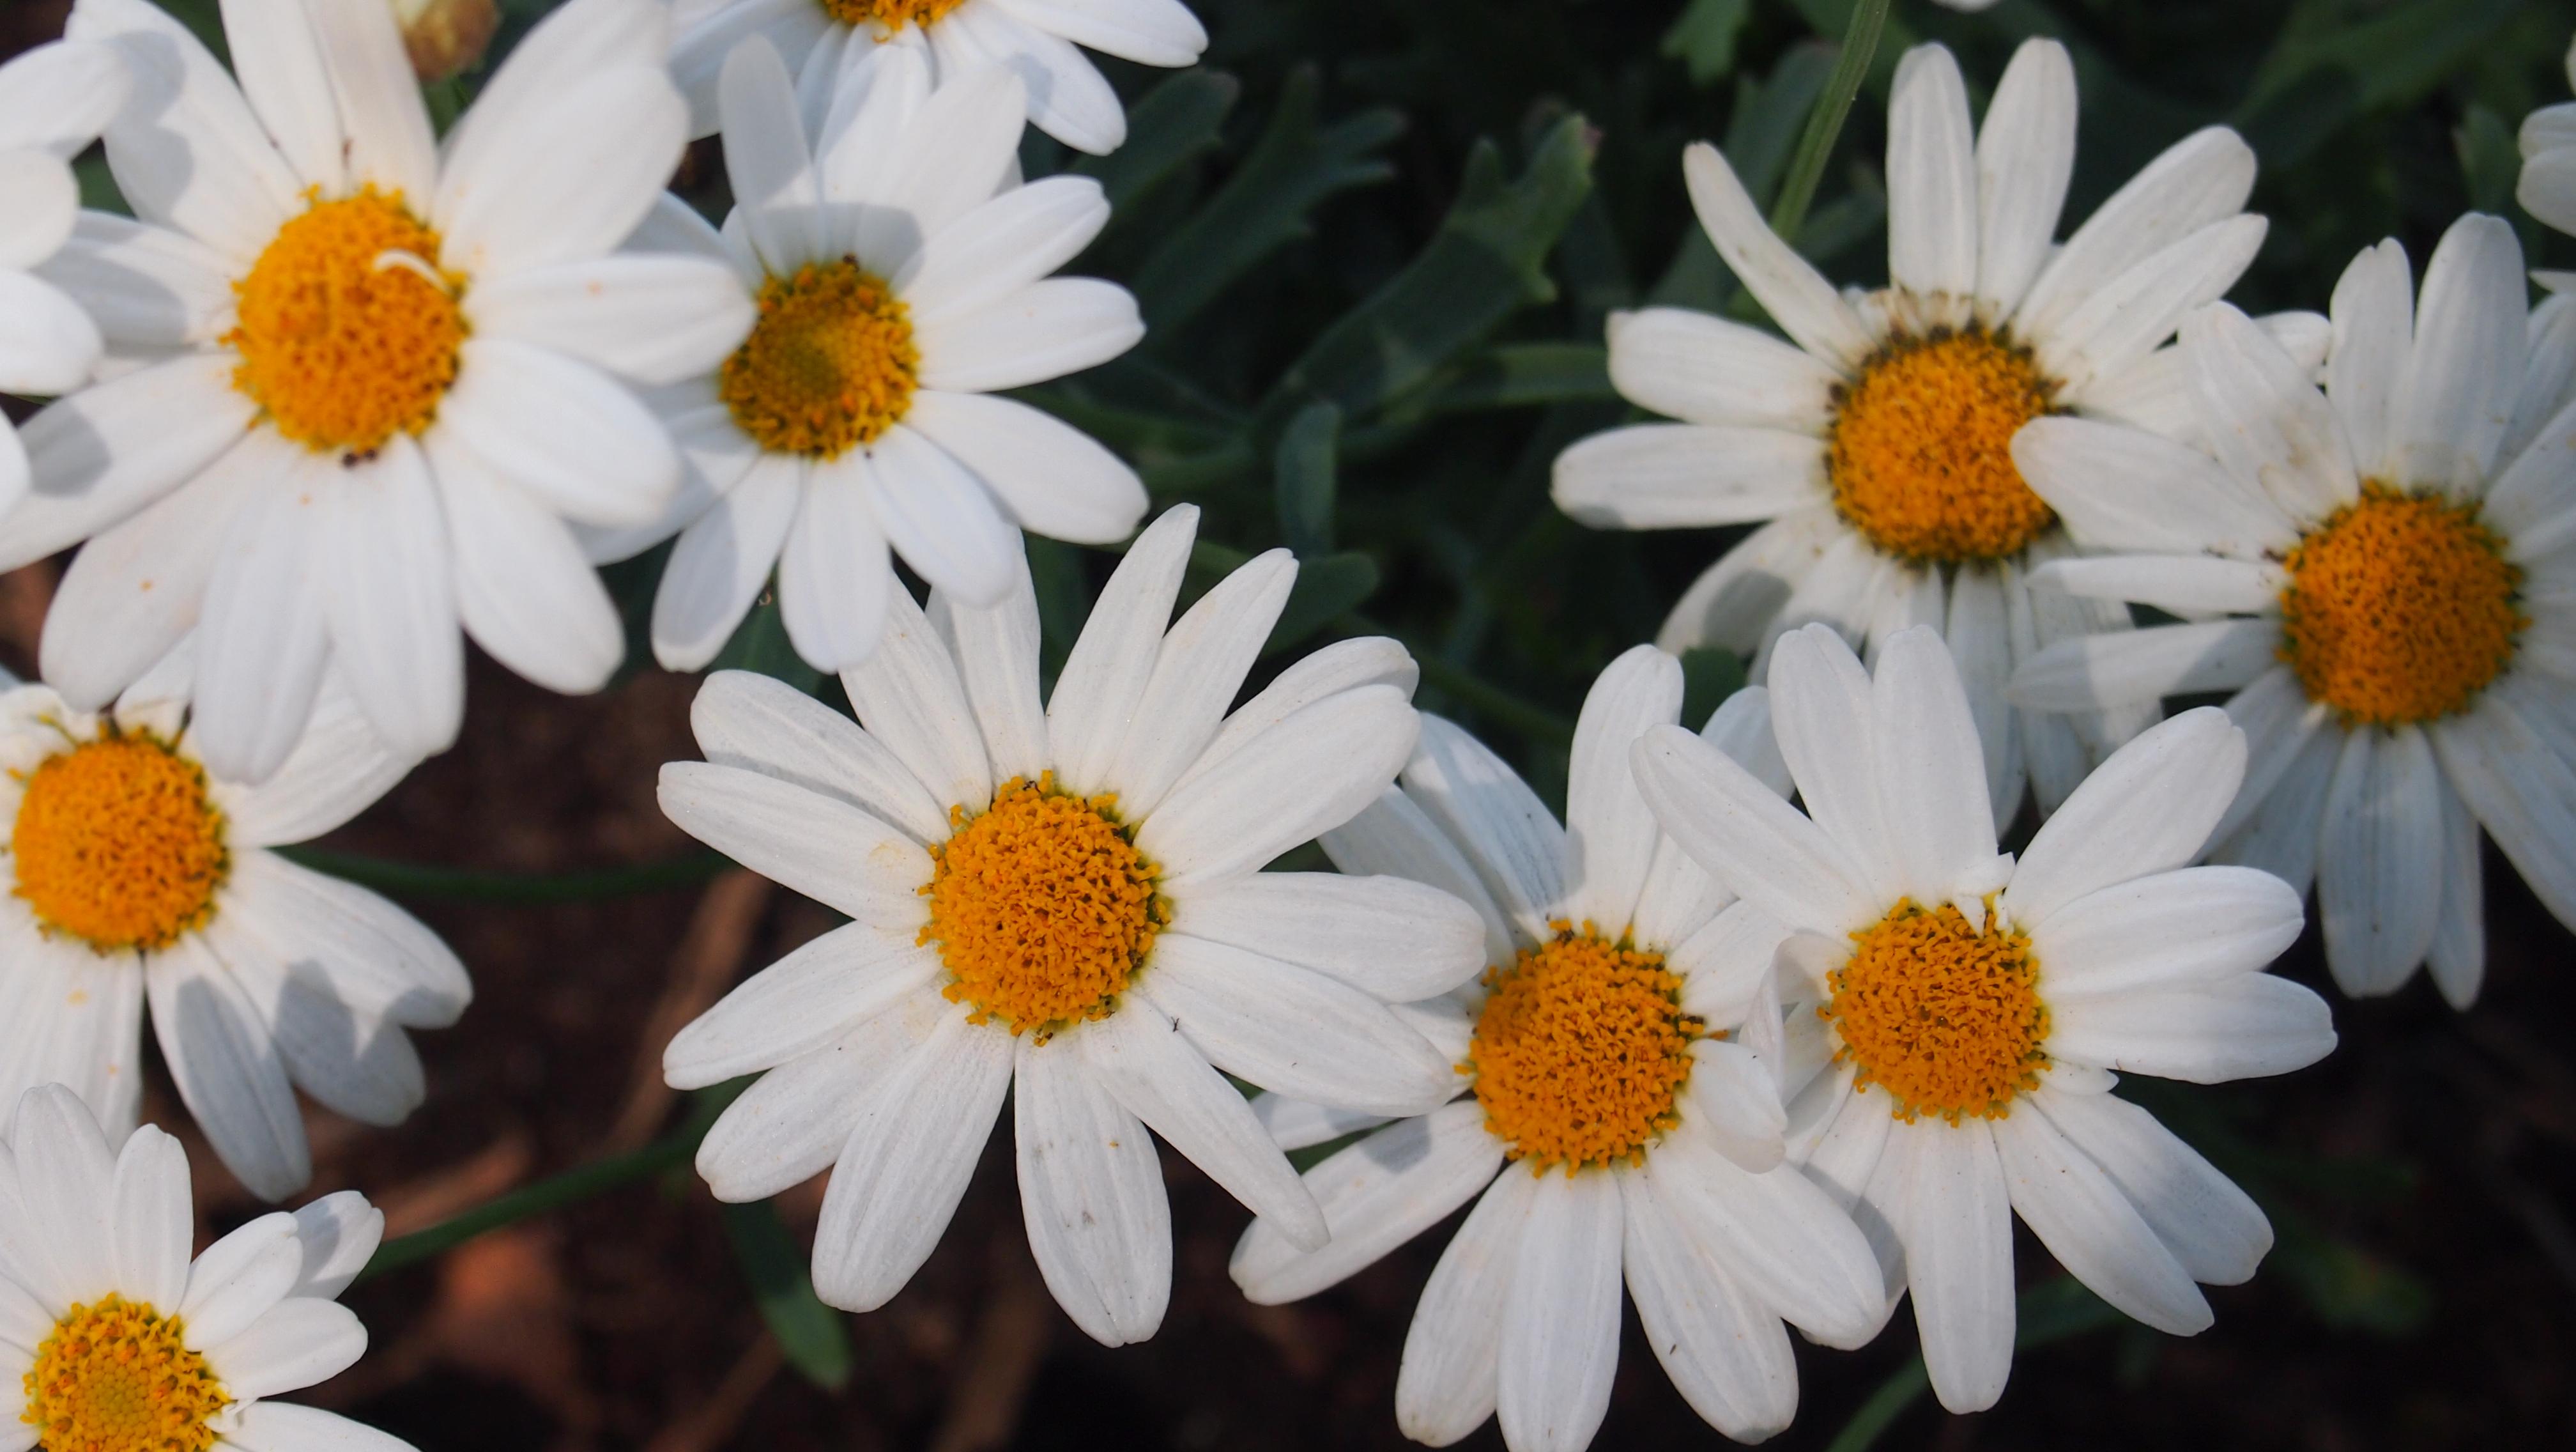 Images Gratuites Fleurs Fleur Oxeye Daisy Chamaemelum Nobile